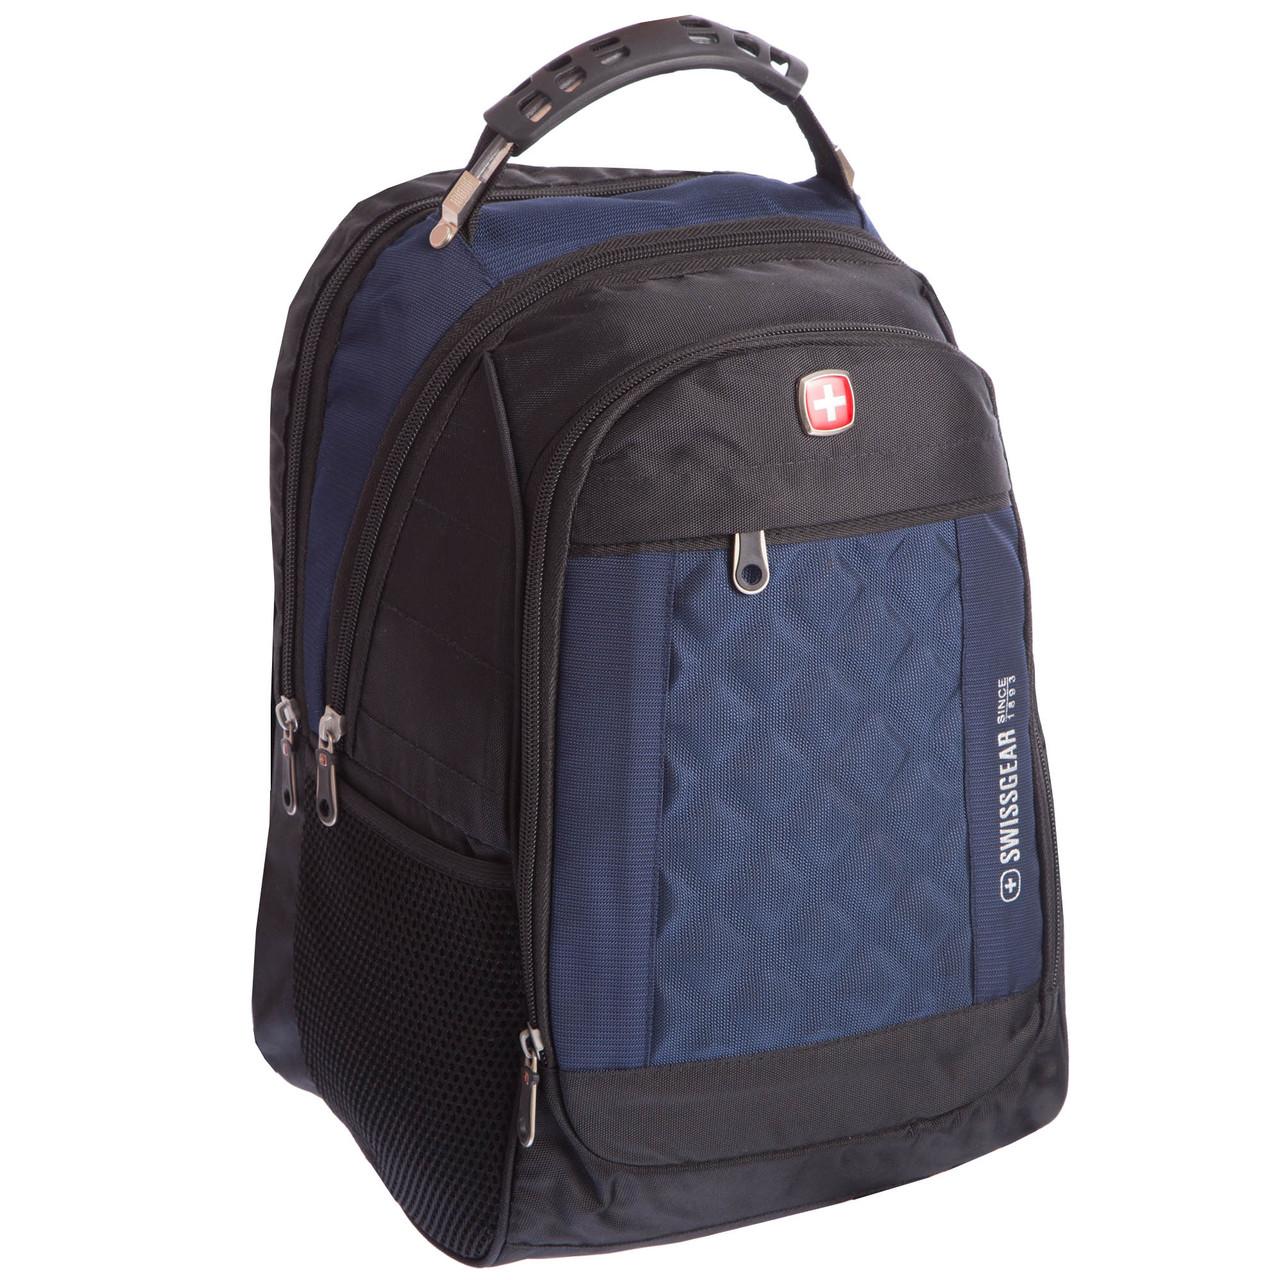 Рюкзак городской planeta-sport VICTOR 20л 028 17x28x39см USB Темно-синий